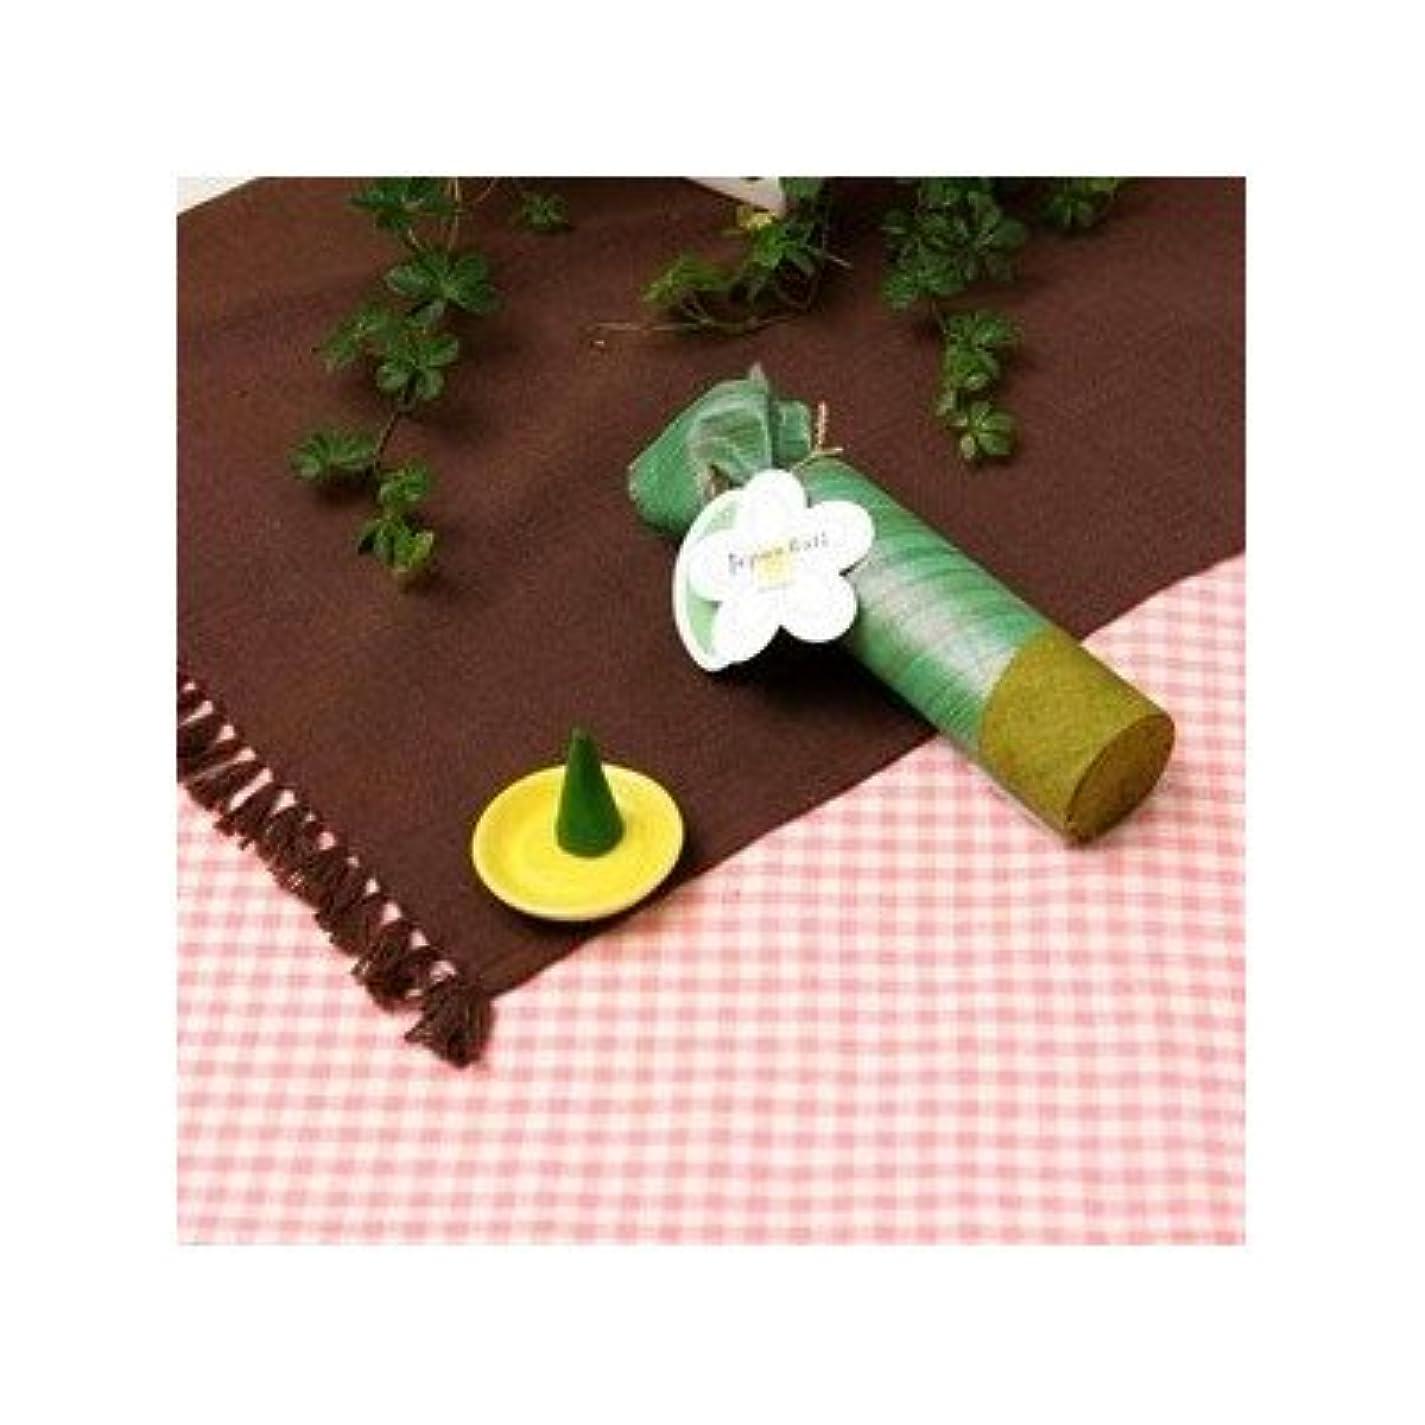 砂の超えて優勢お香/インセンス 〔マンゴーの香り コーンタイプ10個入り〕 バリ島製 「Jupen Bari/ジュプンバリ」[通販用梱包品]